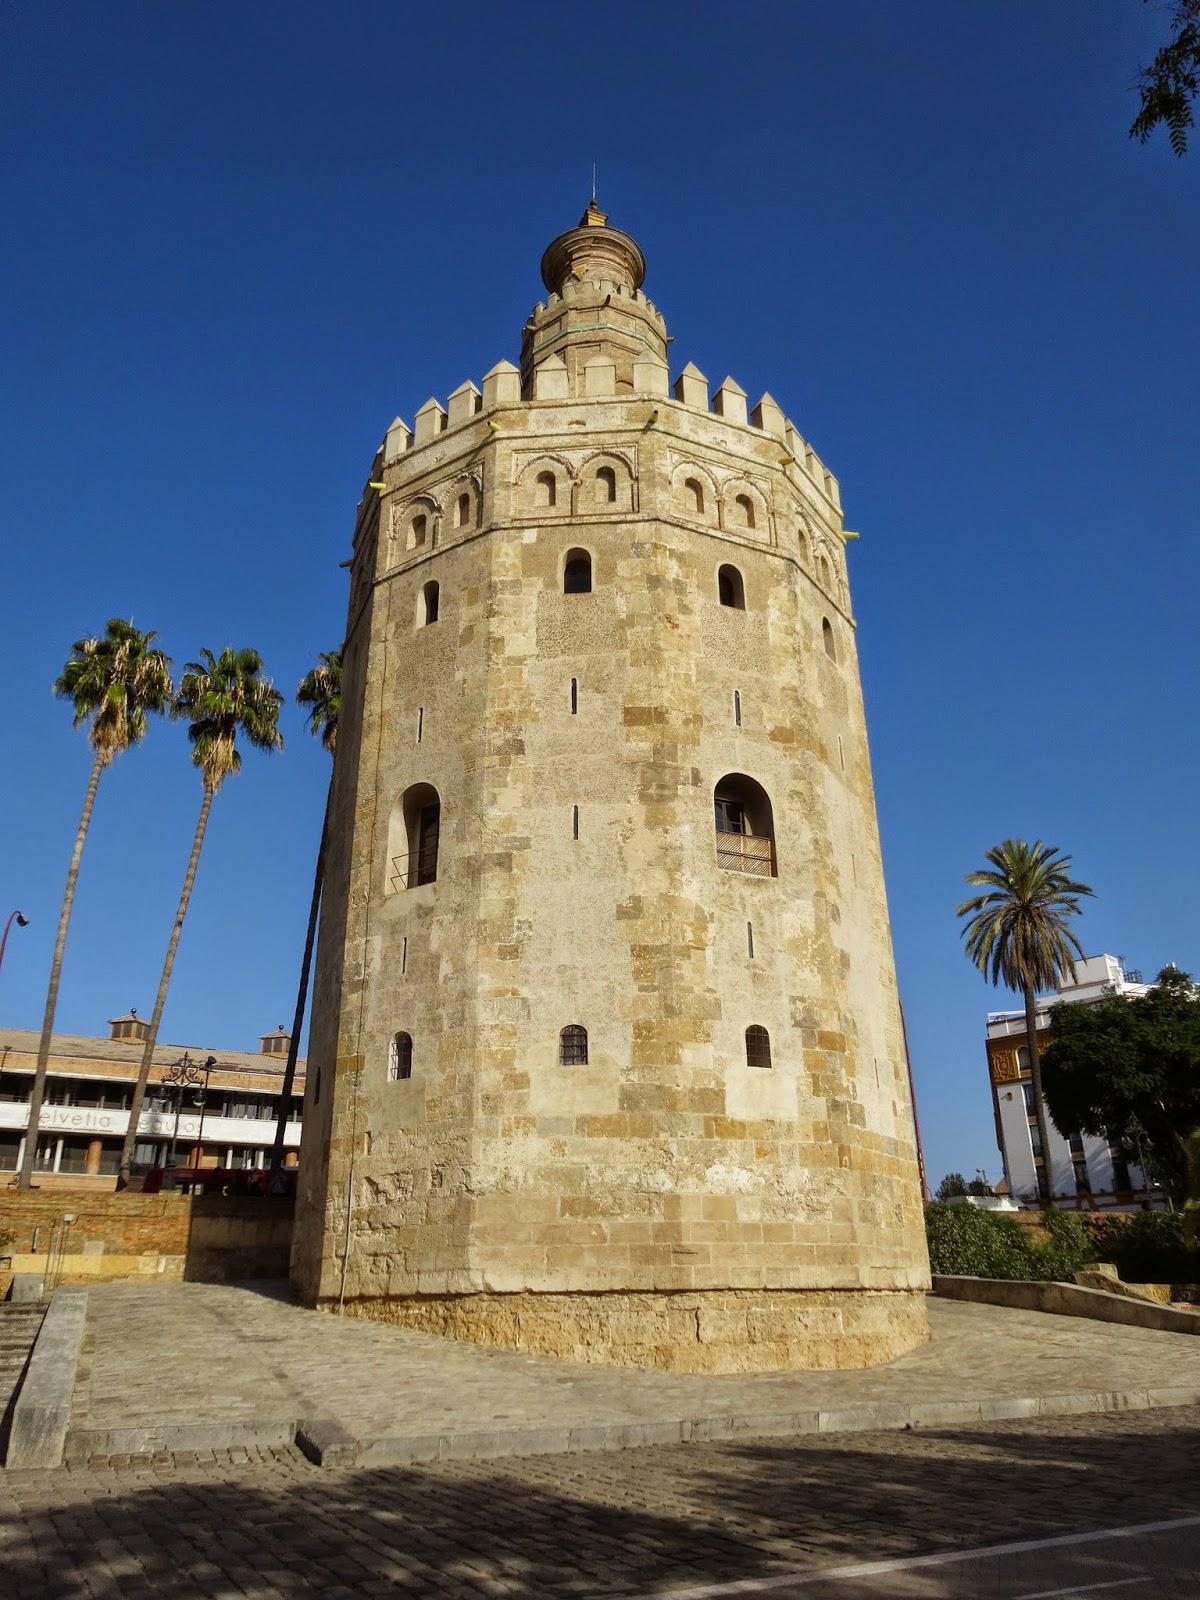 1 dia em Sevilha - Praça de Touros, Torre de Ouro